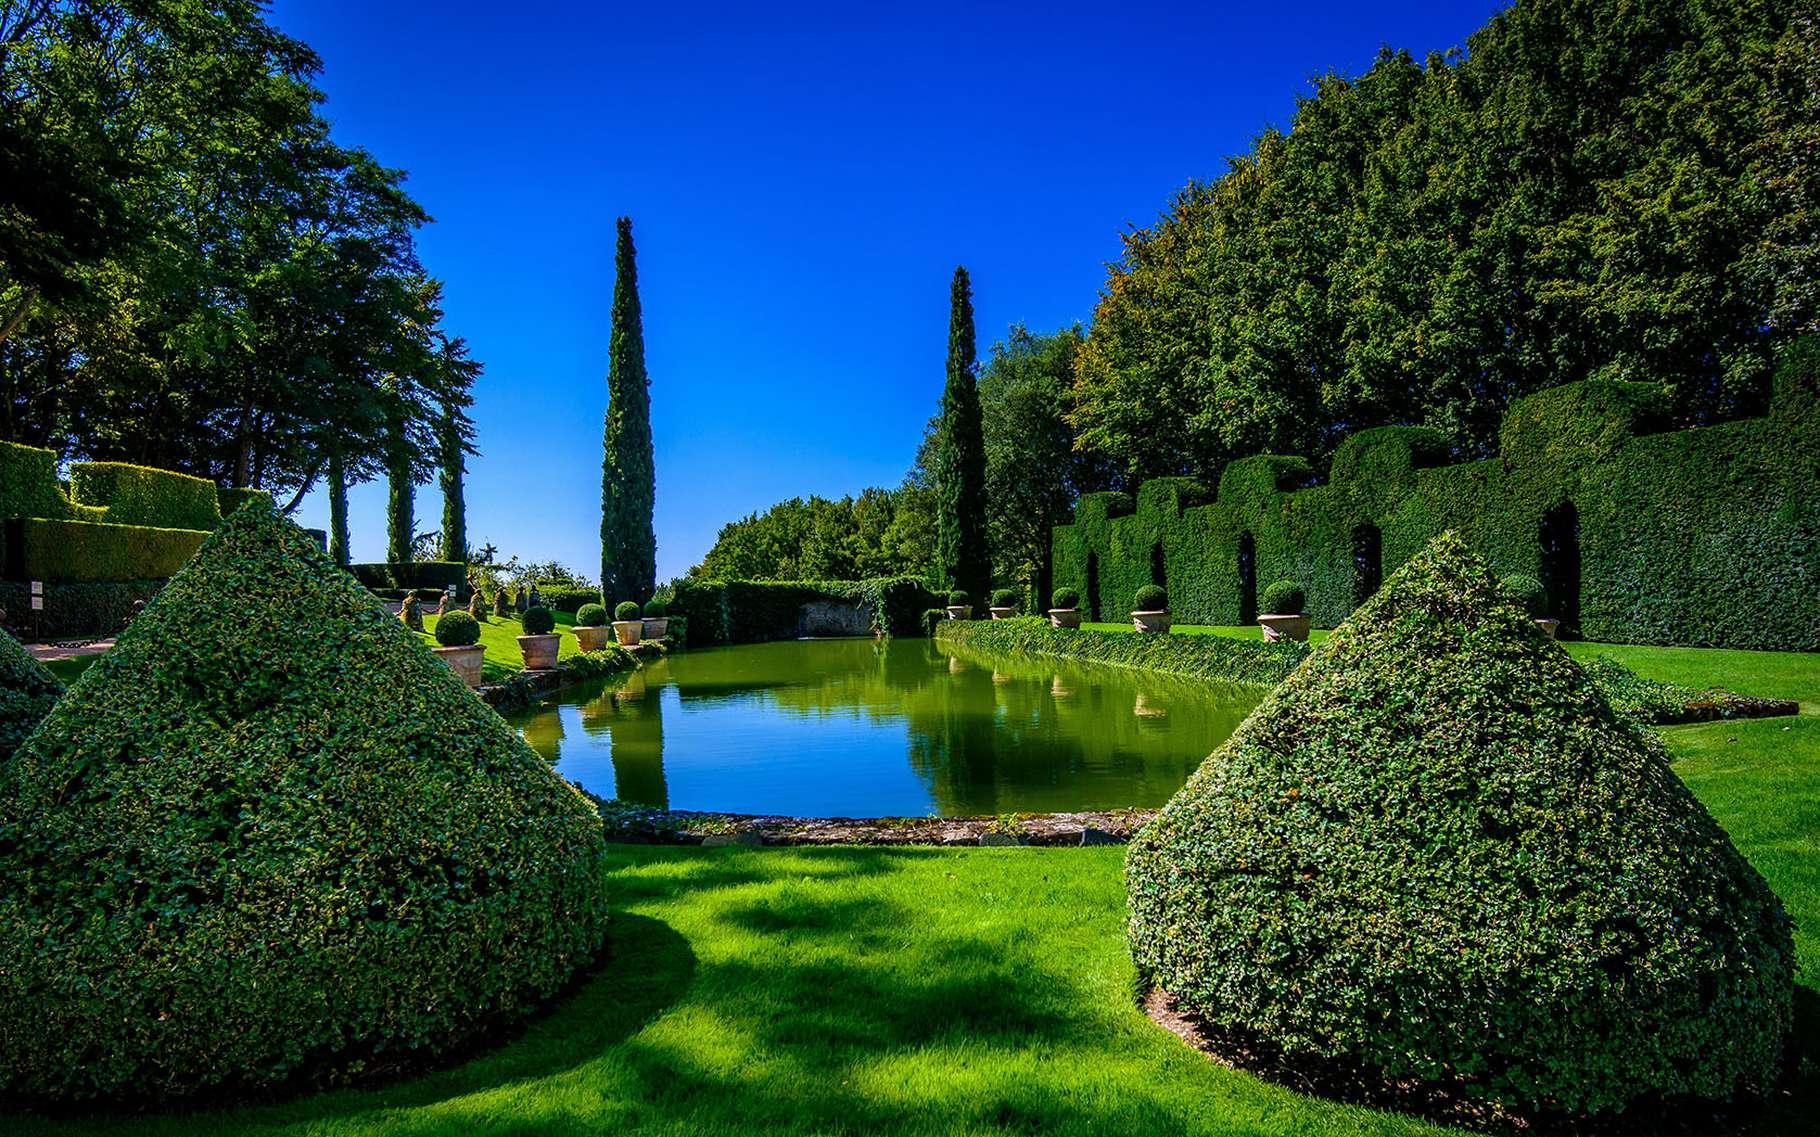 Les jardins d'Eyrignac dans le Périgord : un splendide jardin à la française avec topiaires et haies joliment taillées. © Illule, wikimedia commons, CC3.0